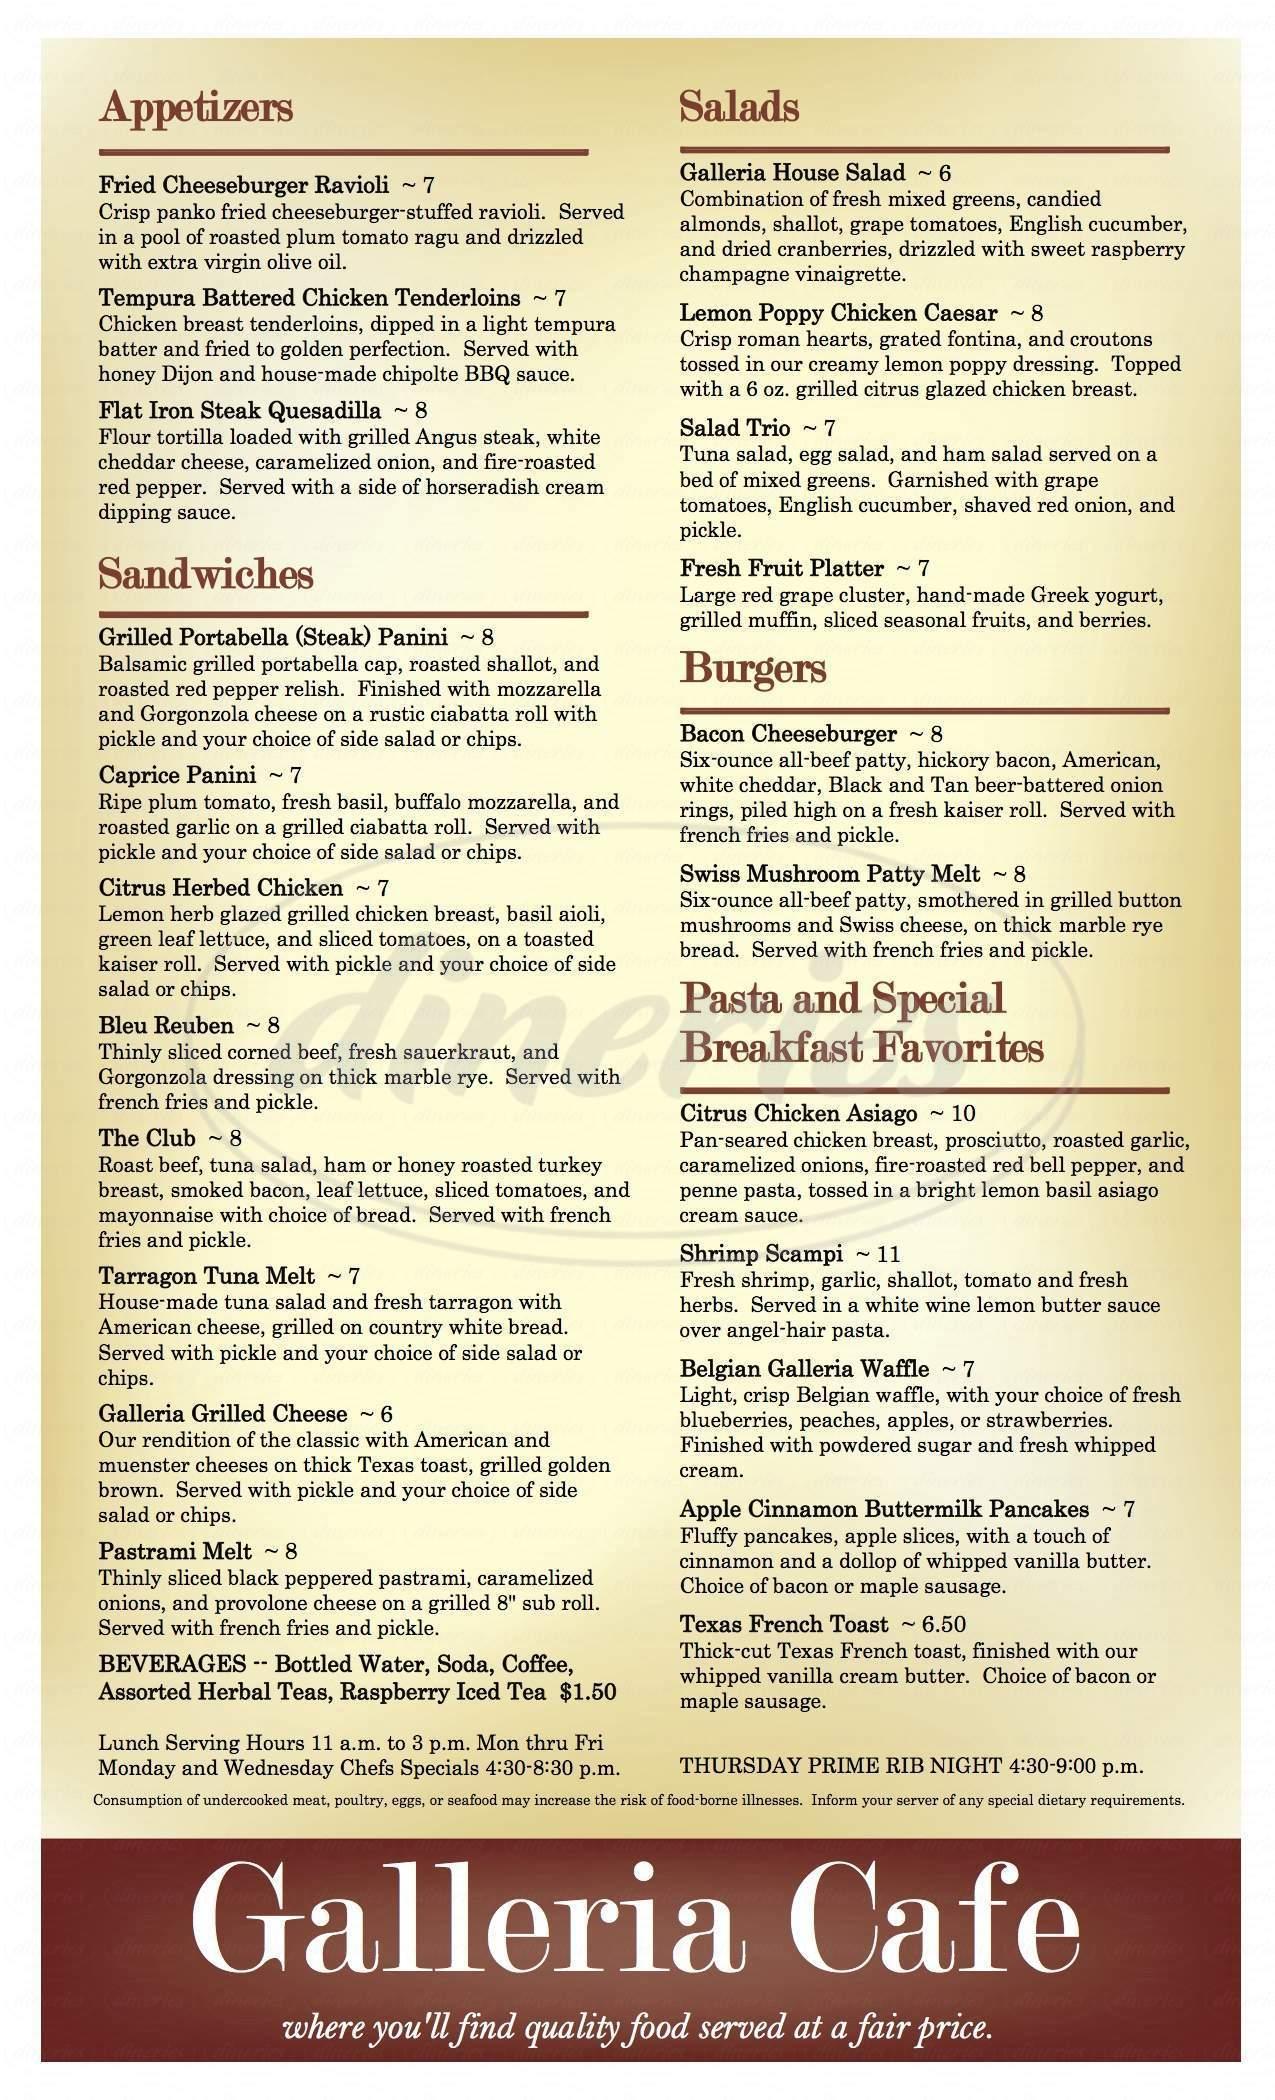 menu for Galleria Cafe